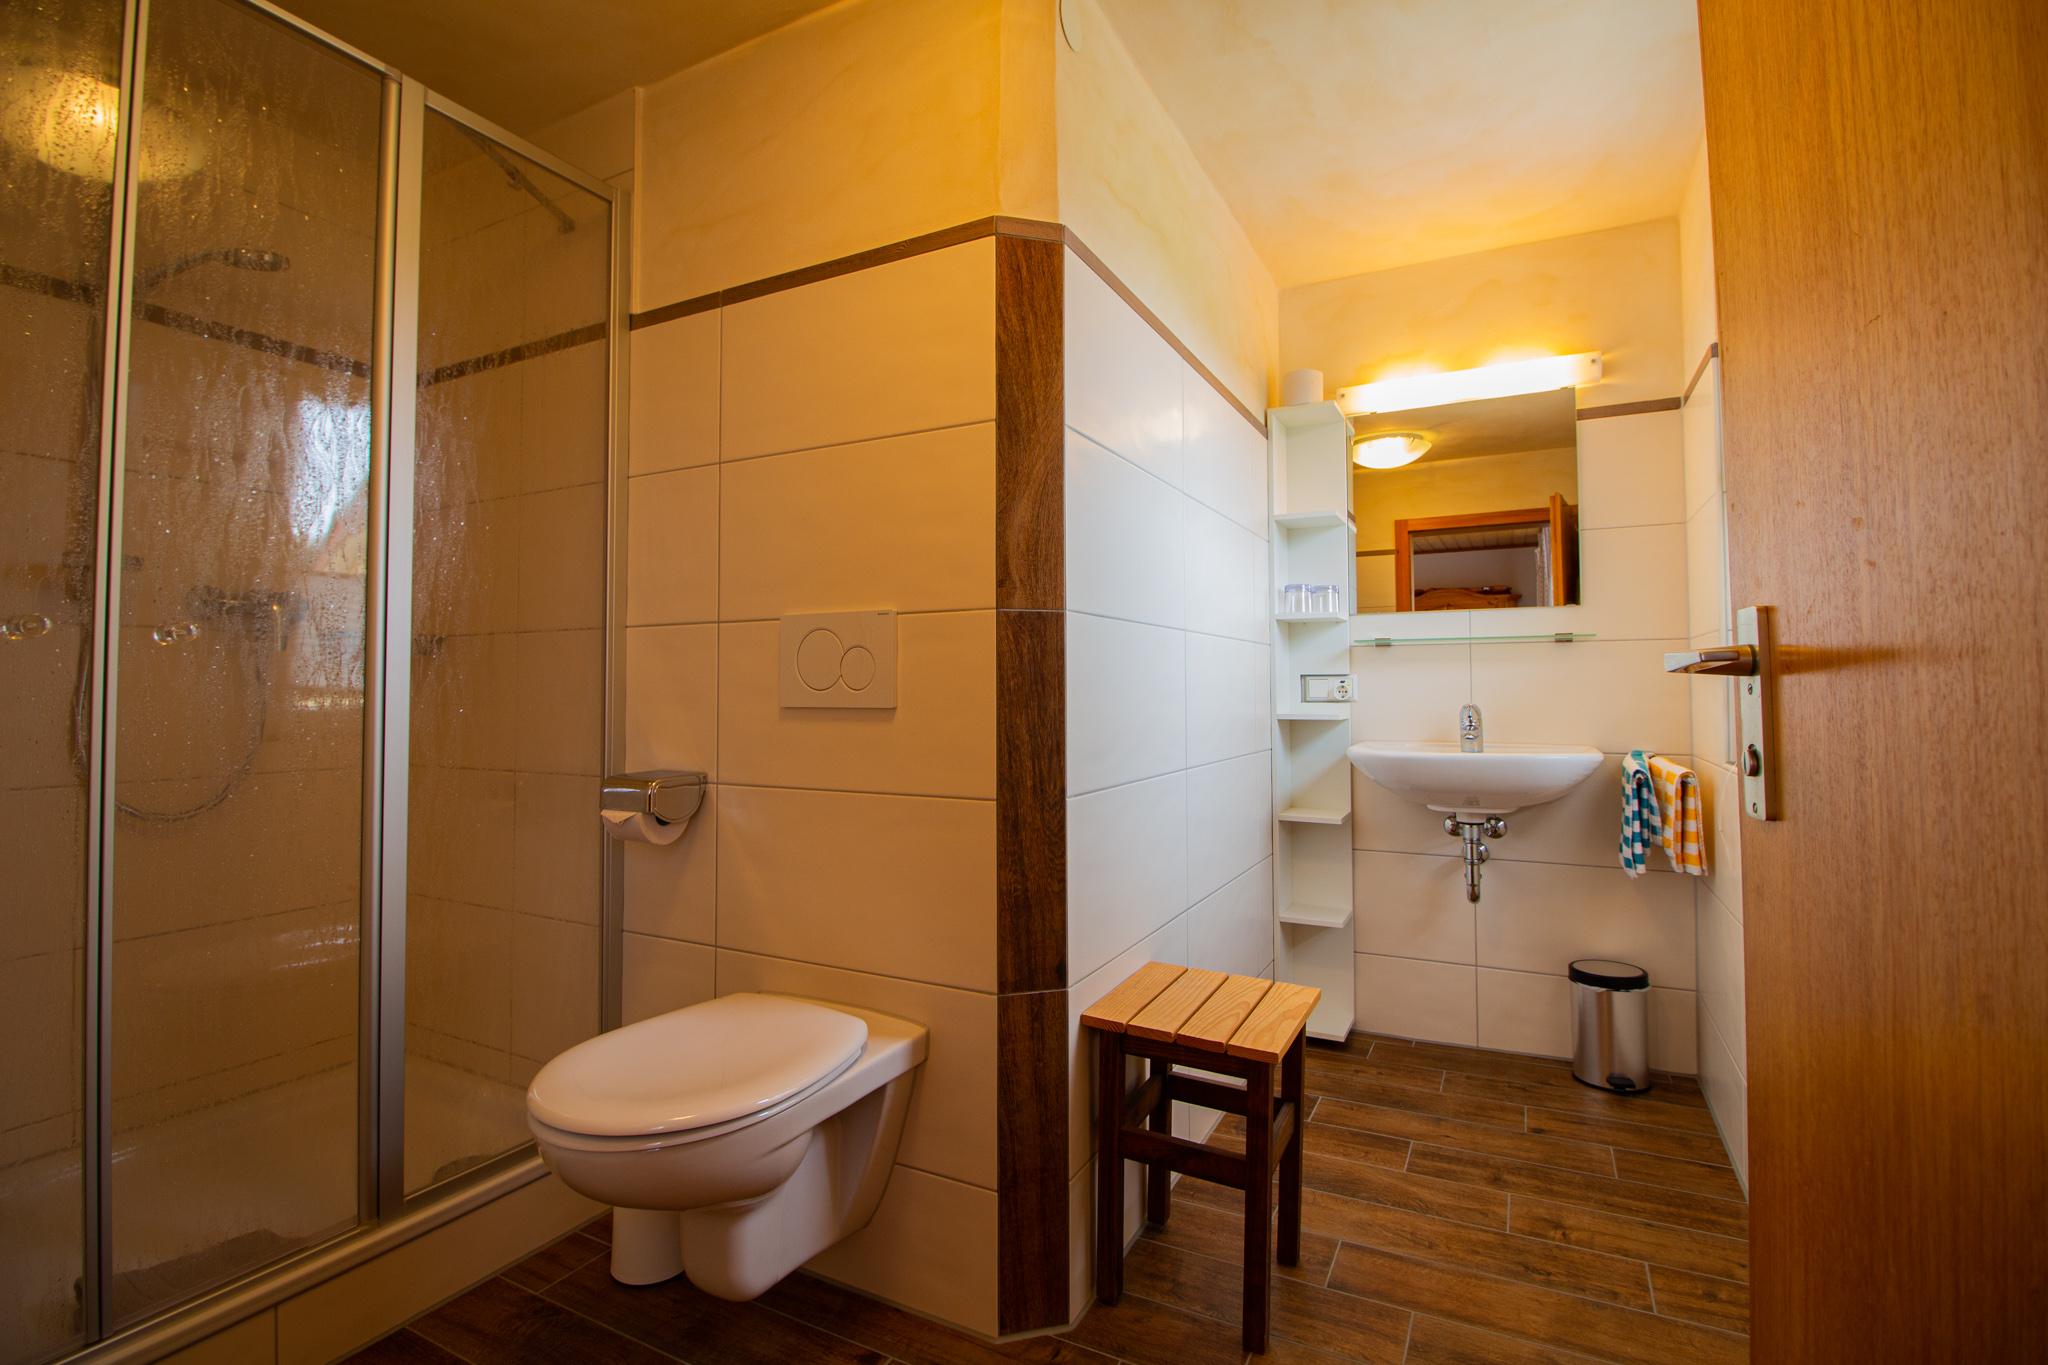 Gasthaus Bierhäusle Bad Zimmer X